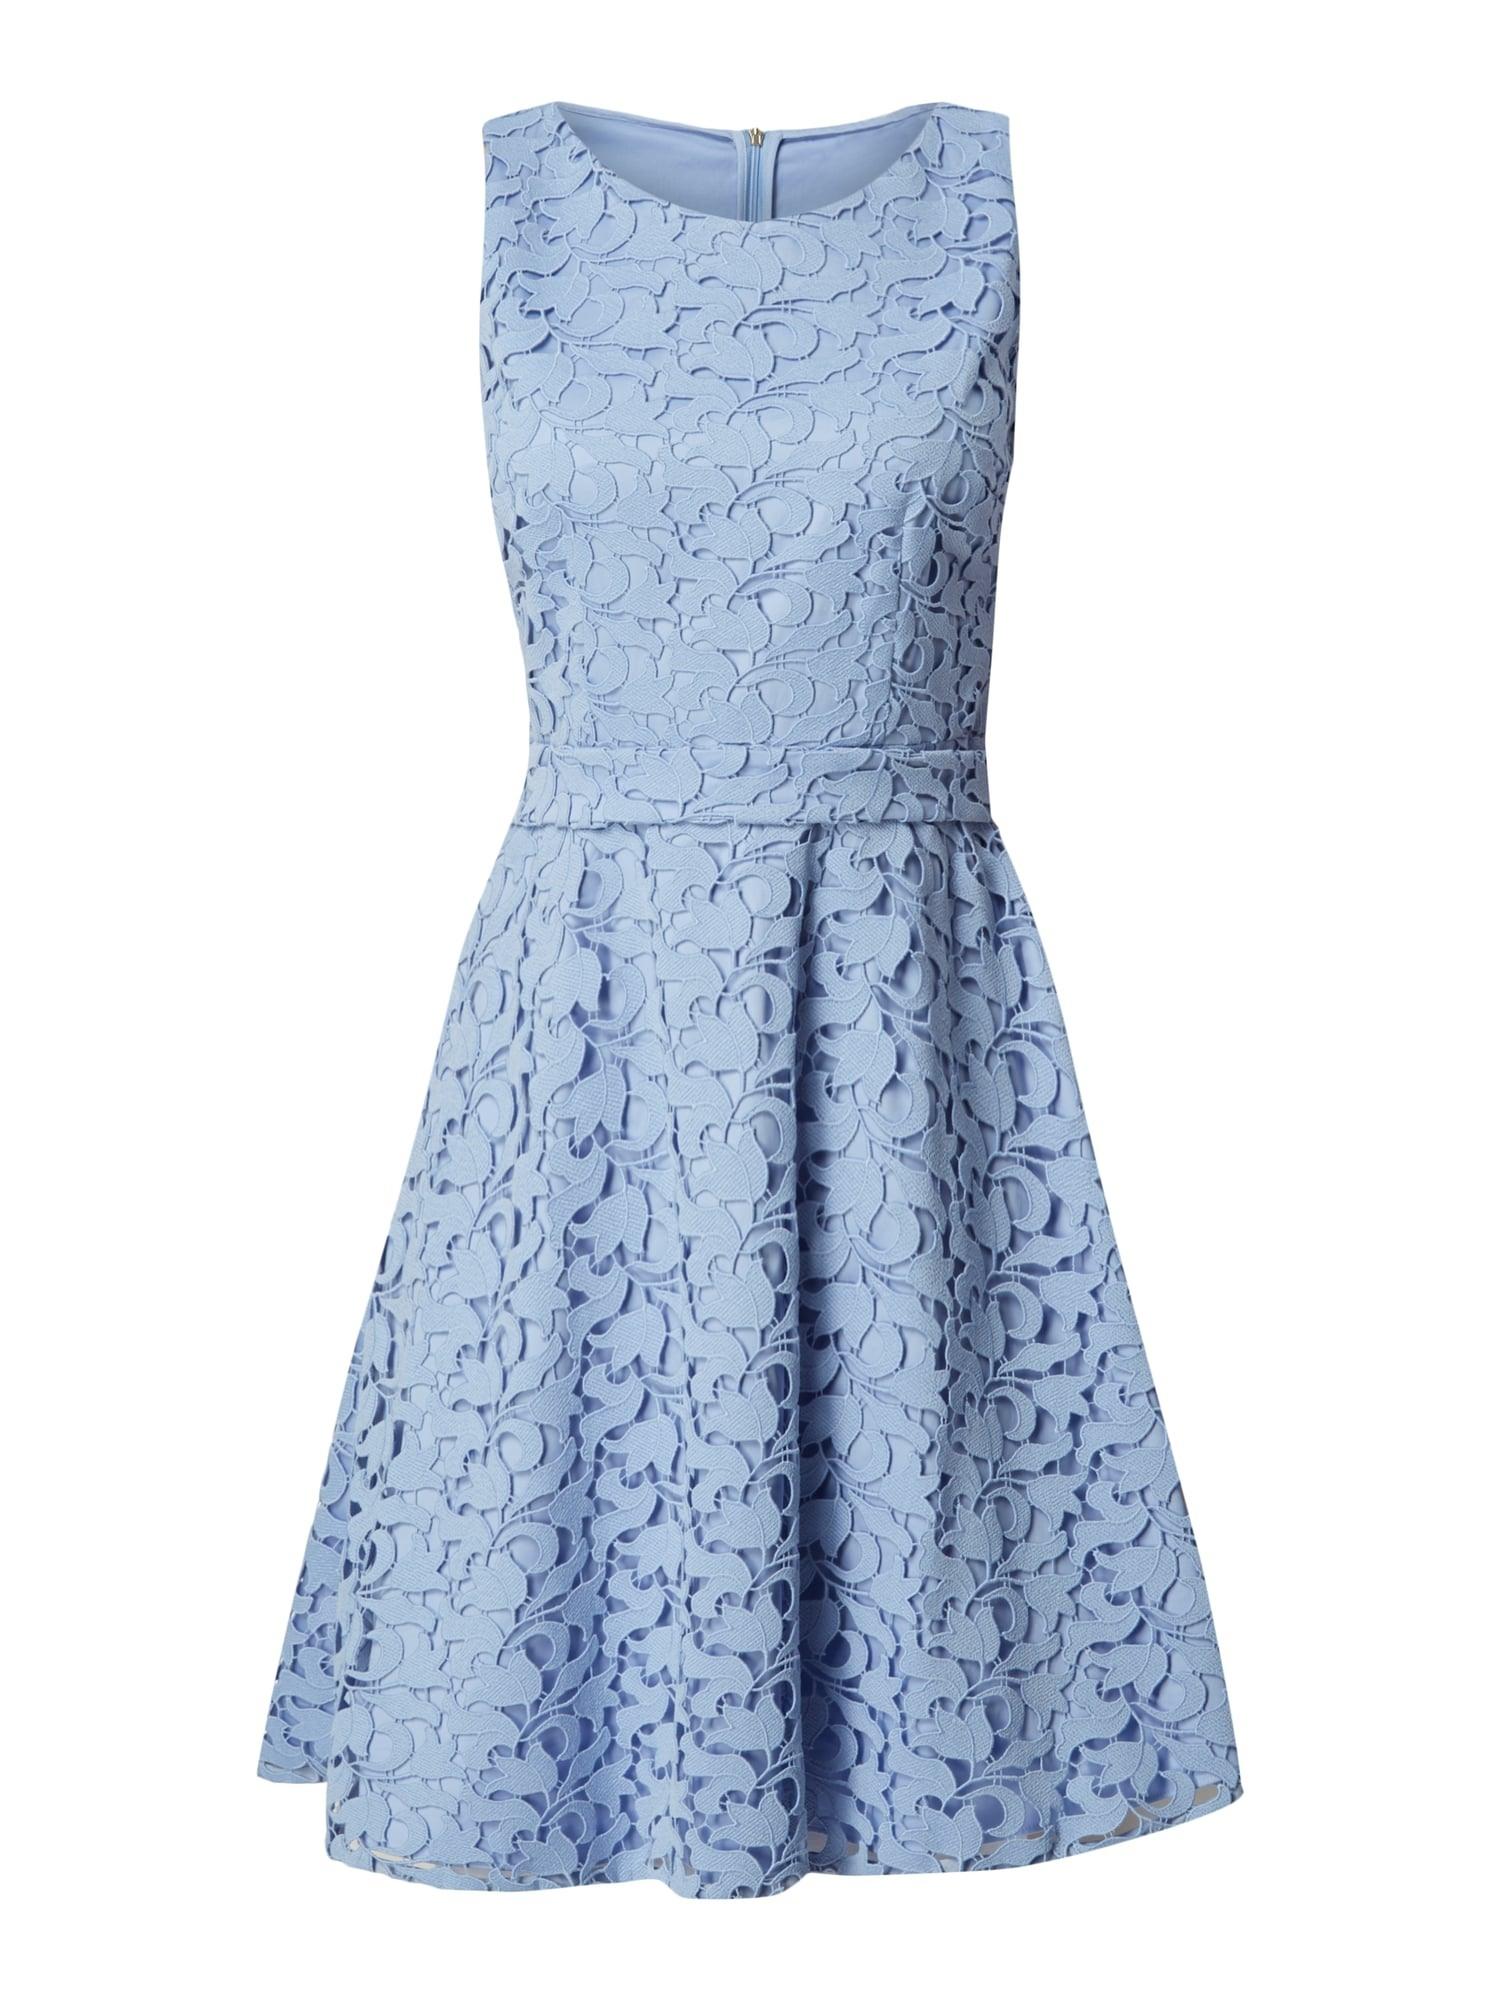 Abend Ausgezeichnet Kleid Mit Spitze Blau für 201915 Großartig Kleid Mit Spitze Blau Ärmel